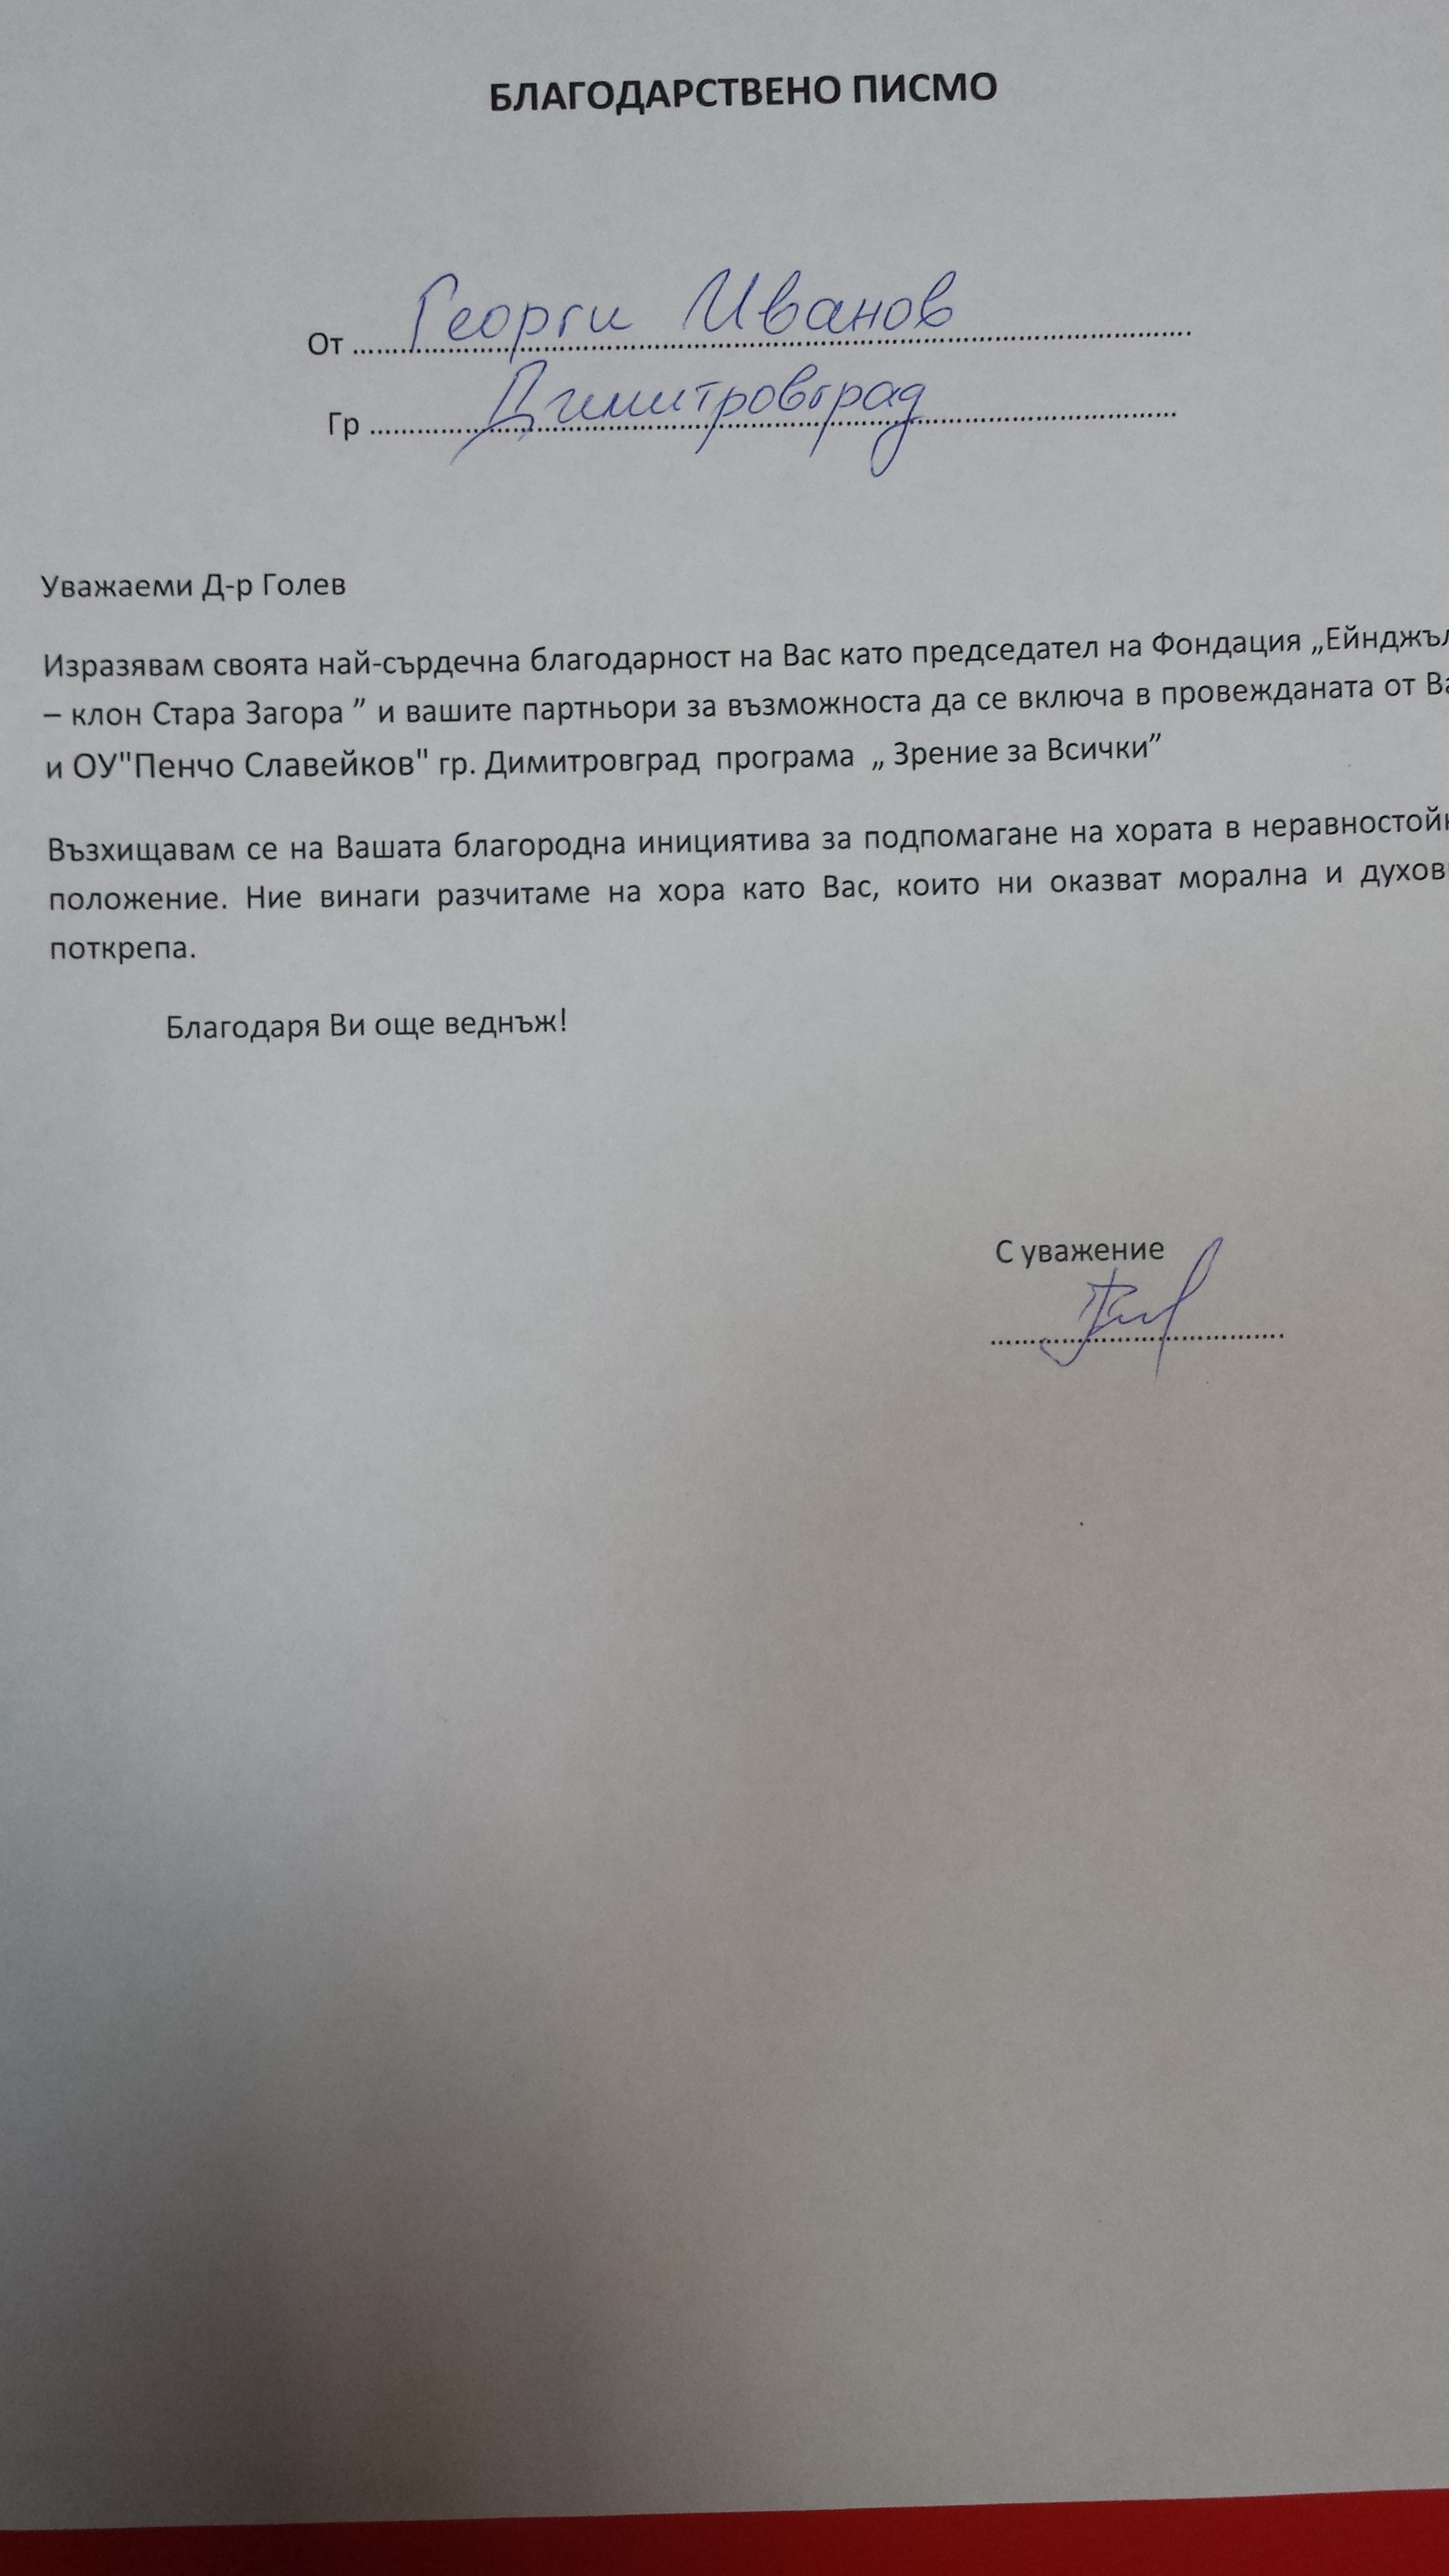 Благодарствено писмо Георги Иванов